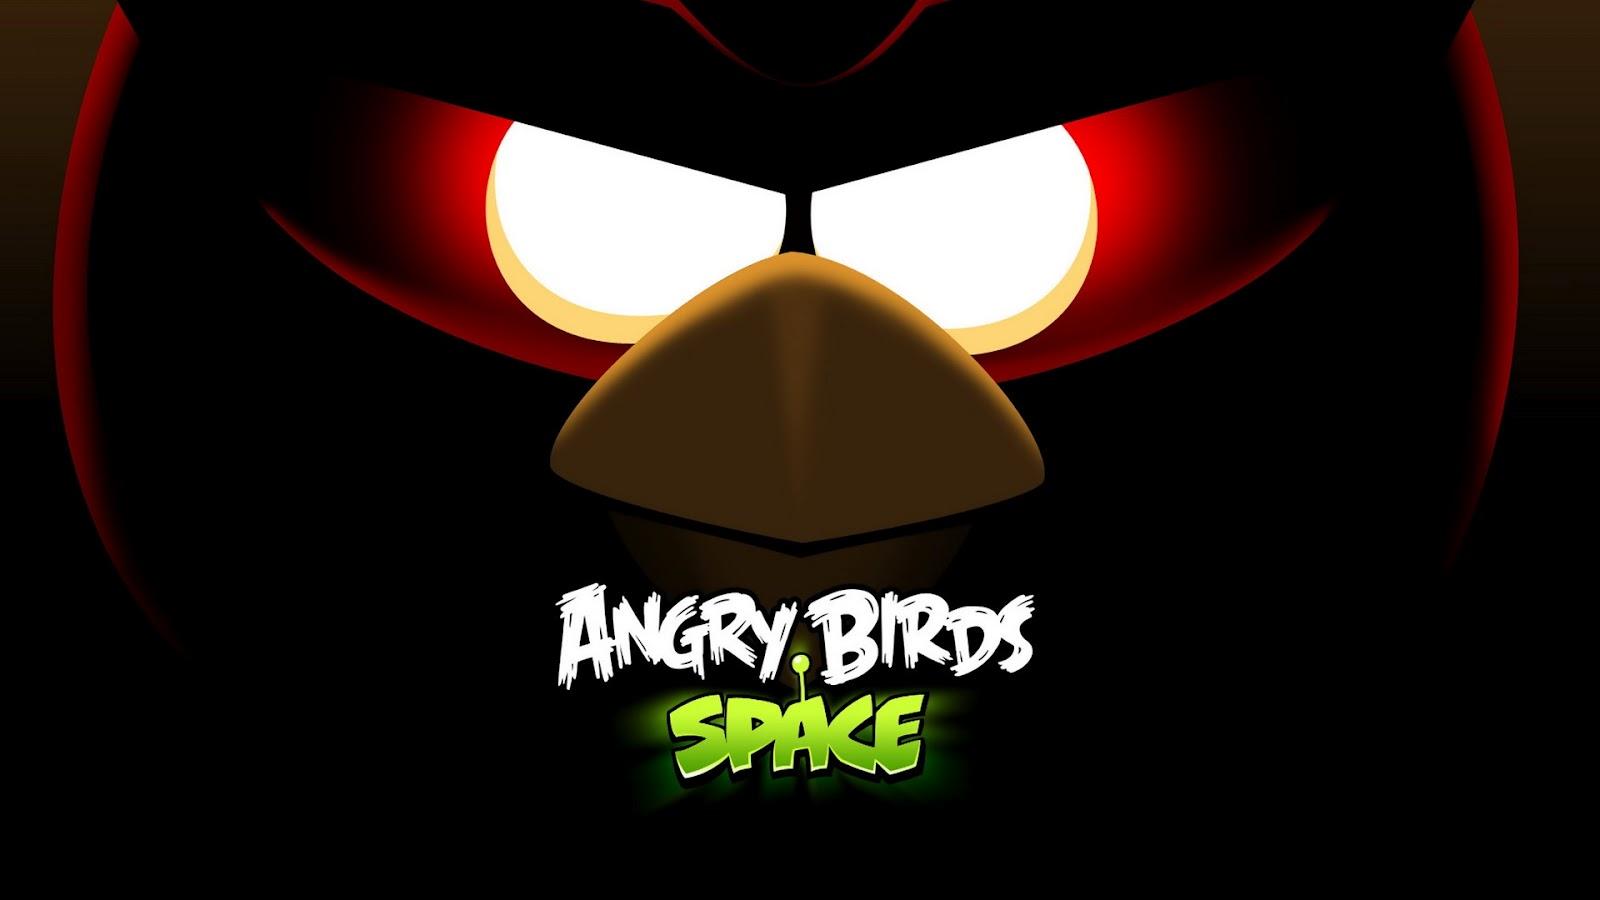 http://4.bp.blogspot.com/-_-N0_kcYolY/UBFqyHcbcnI/AAAAAAAAD6A/TyTsFQDvbB8/s1600/angry-birds-wallpapers+%283%29.jpg